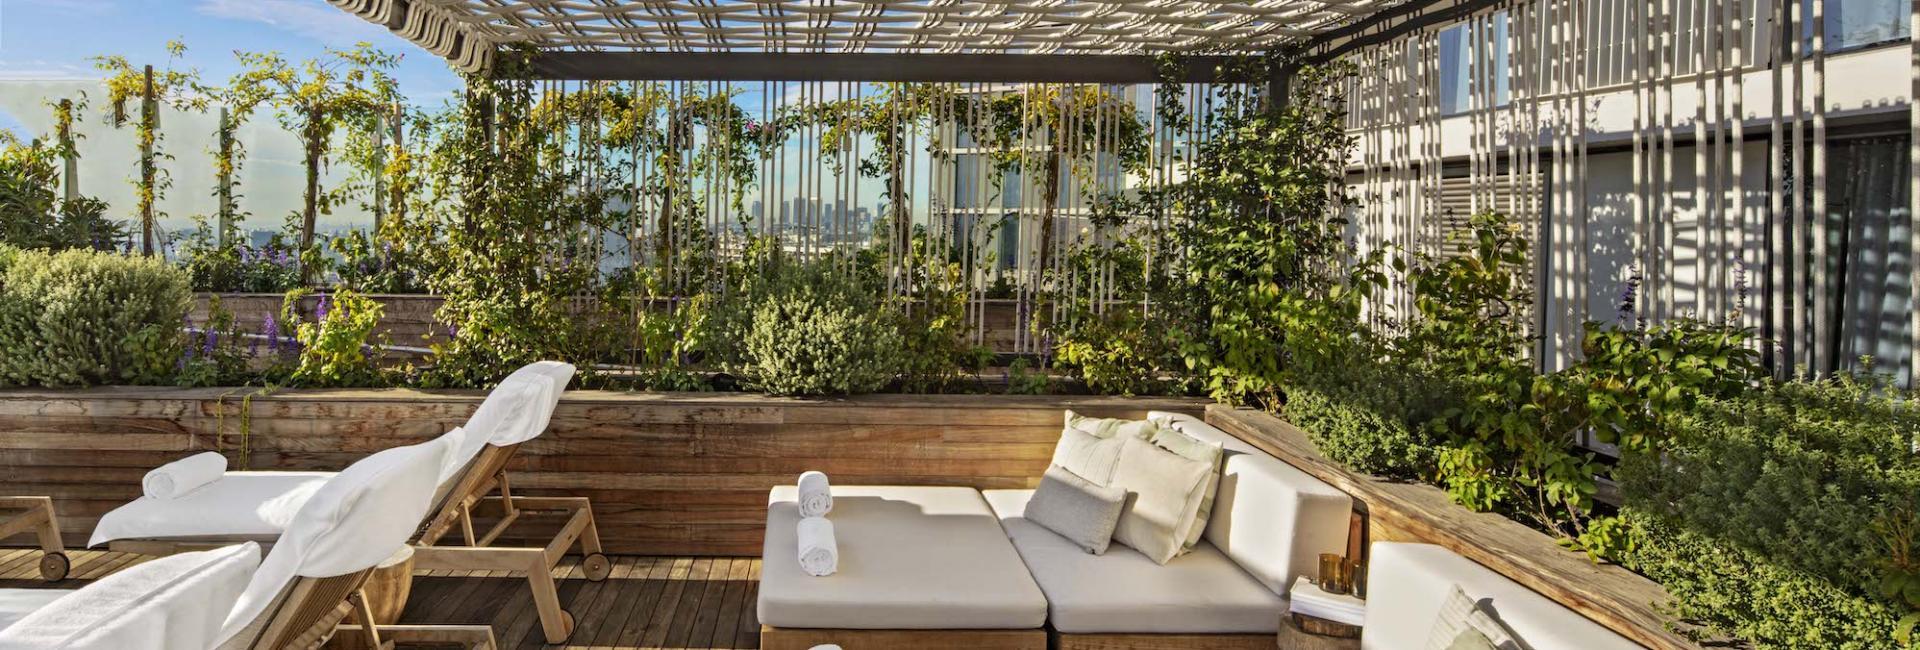 1 Hotel West Hollywood Pool Deck